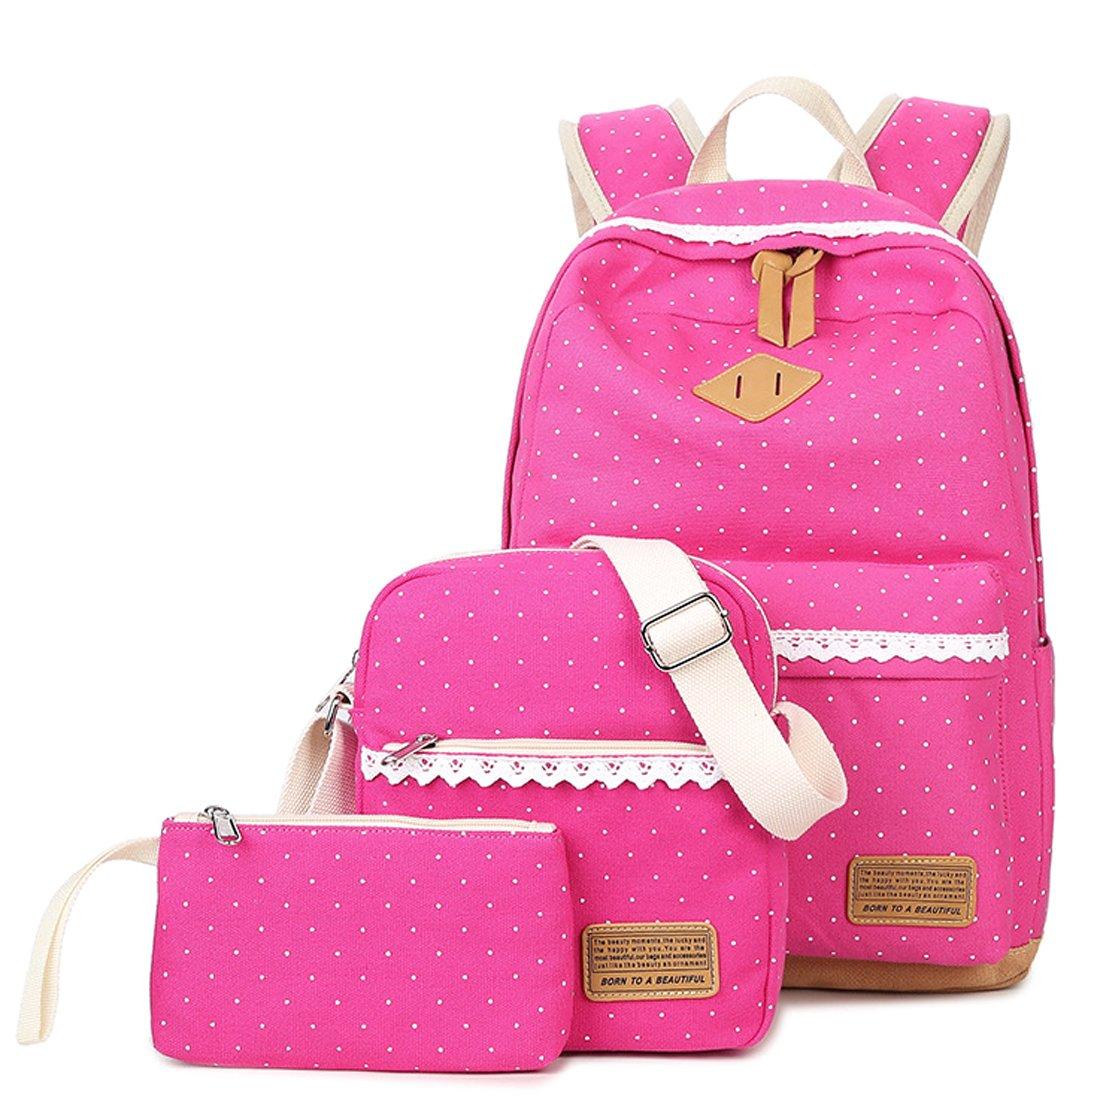 3PCS School Backpack Bag Daypack Shoulder Bag Pencil Case Set Fits 15.6inch Laptop HT